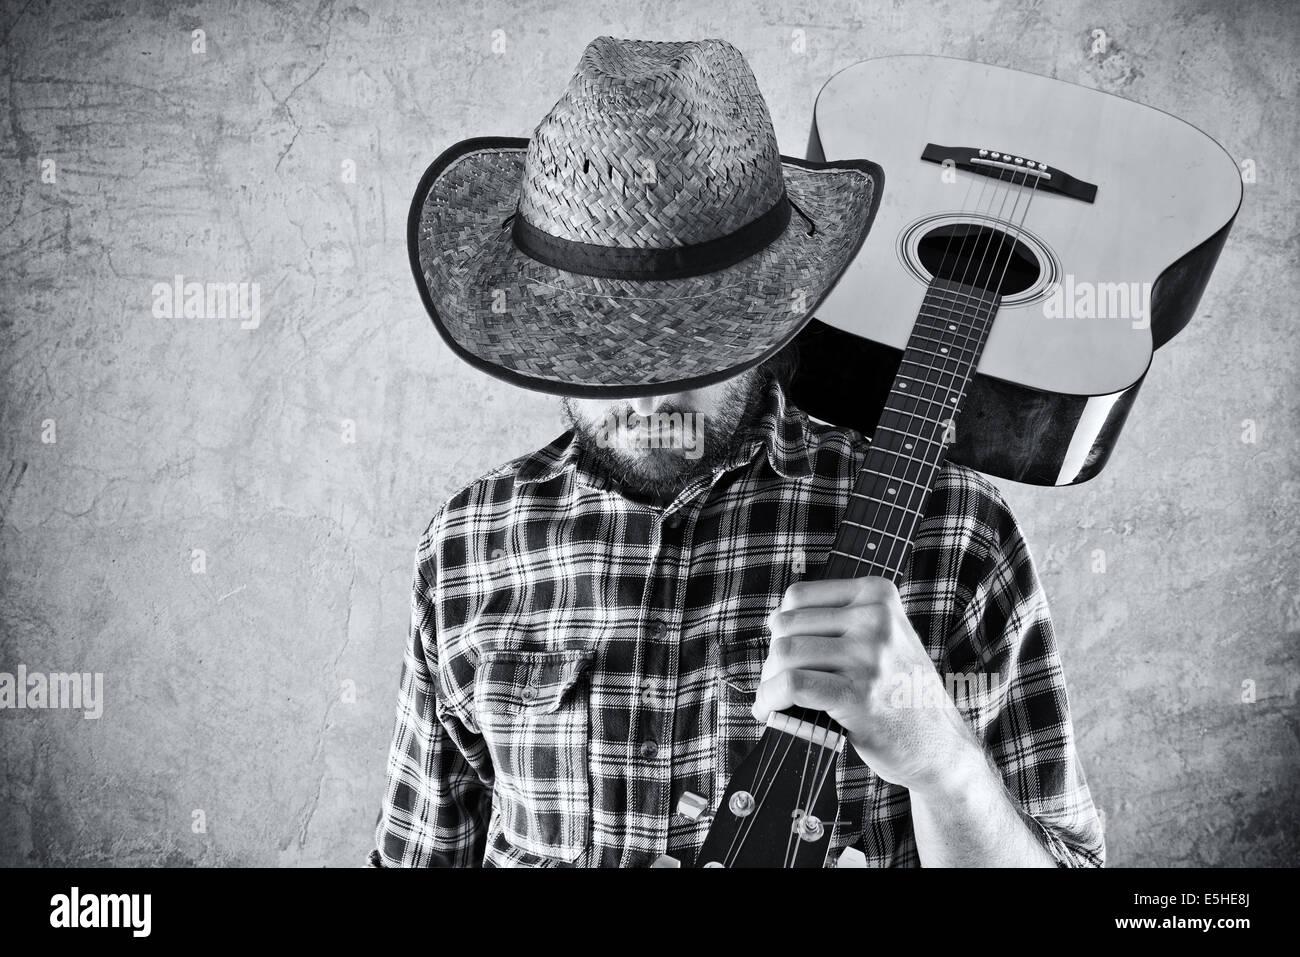 bdc8e78773fe0 Black Cowboy Hat Stock Photos   Black Cowboy Hat Stock Images - Alamy